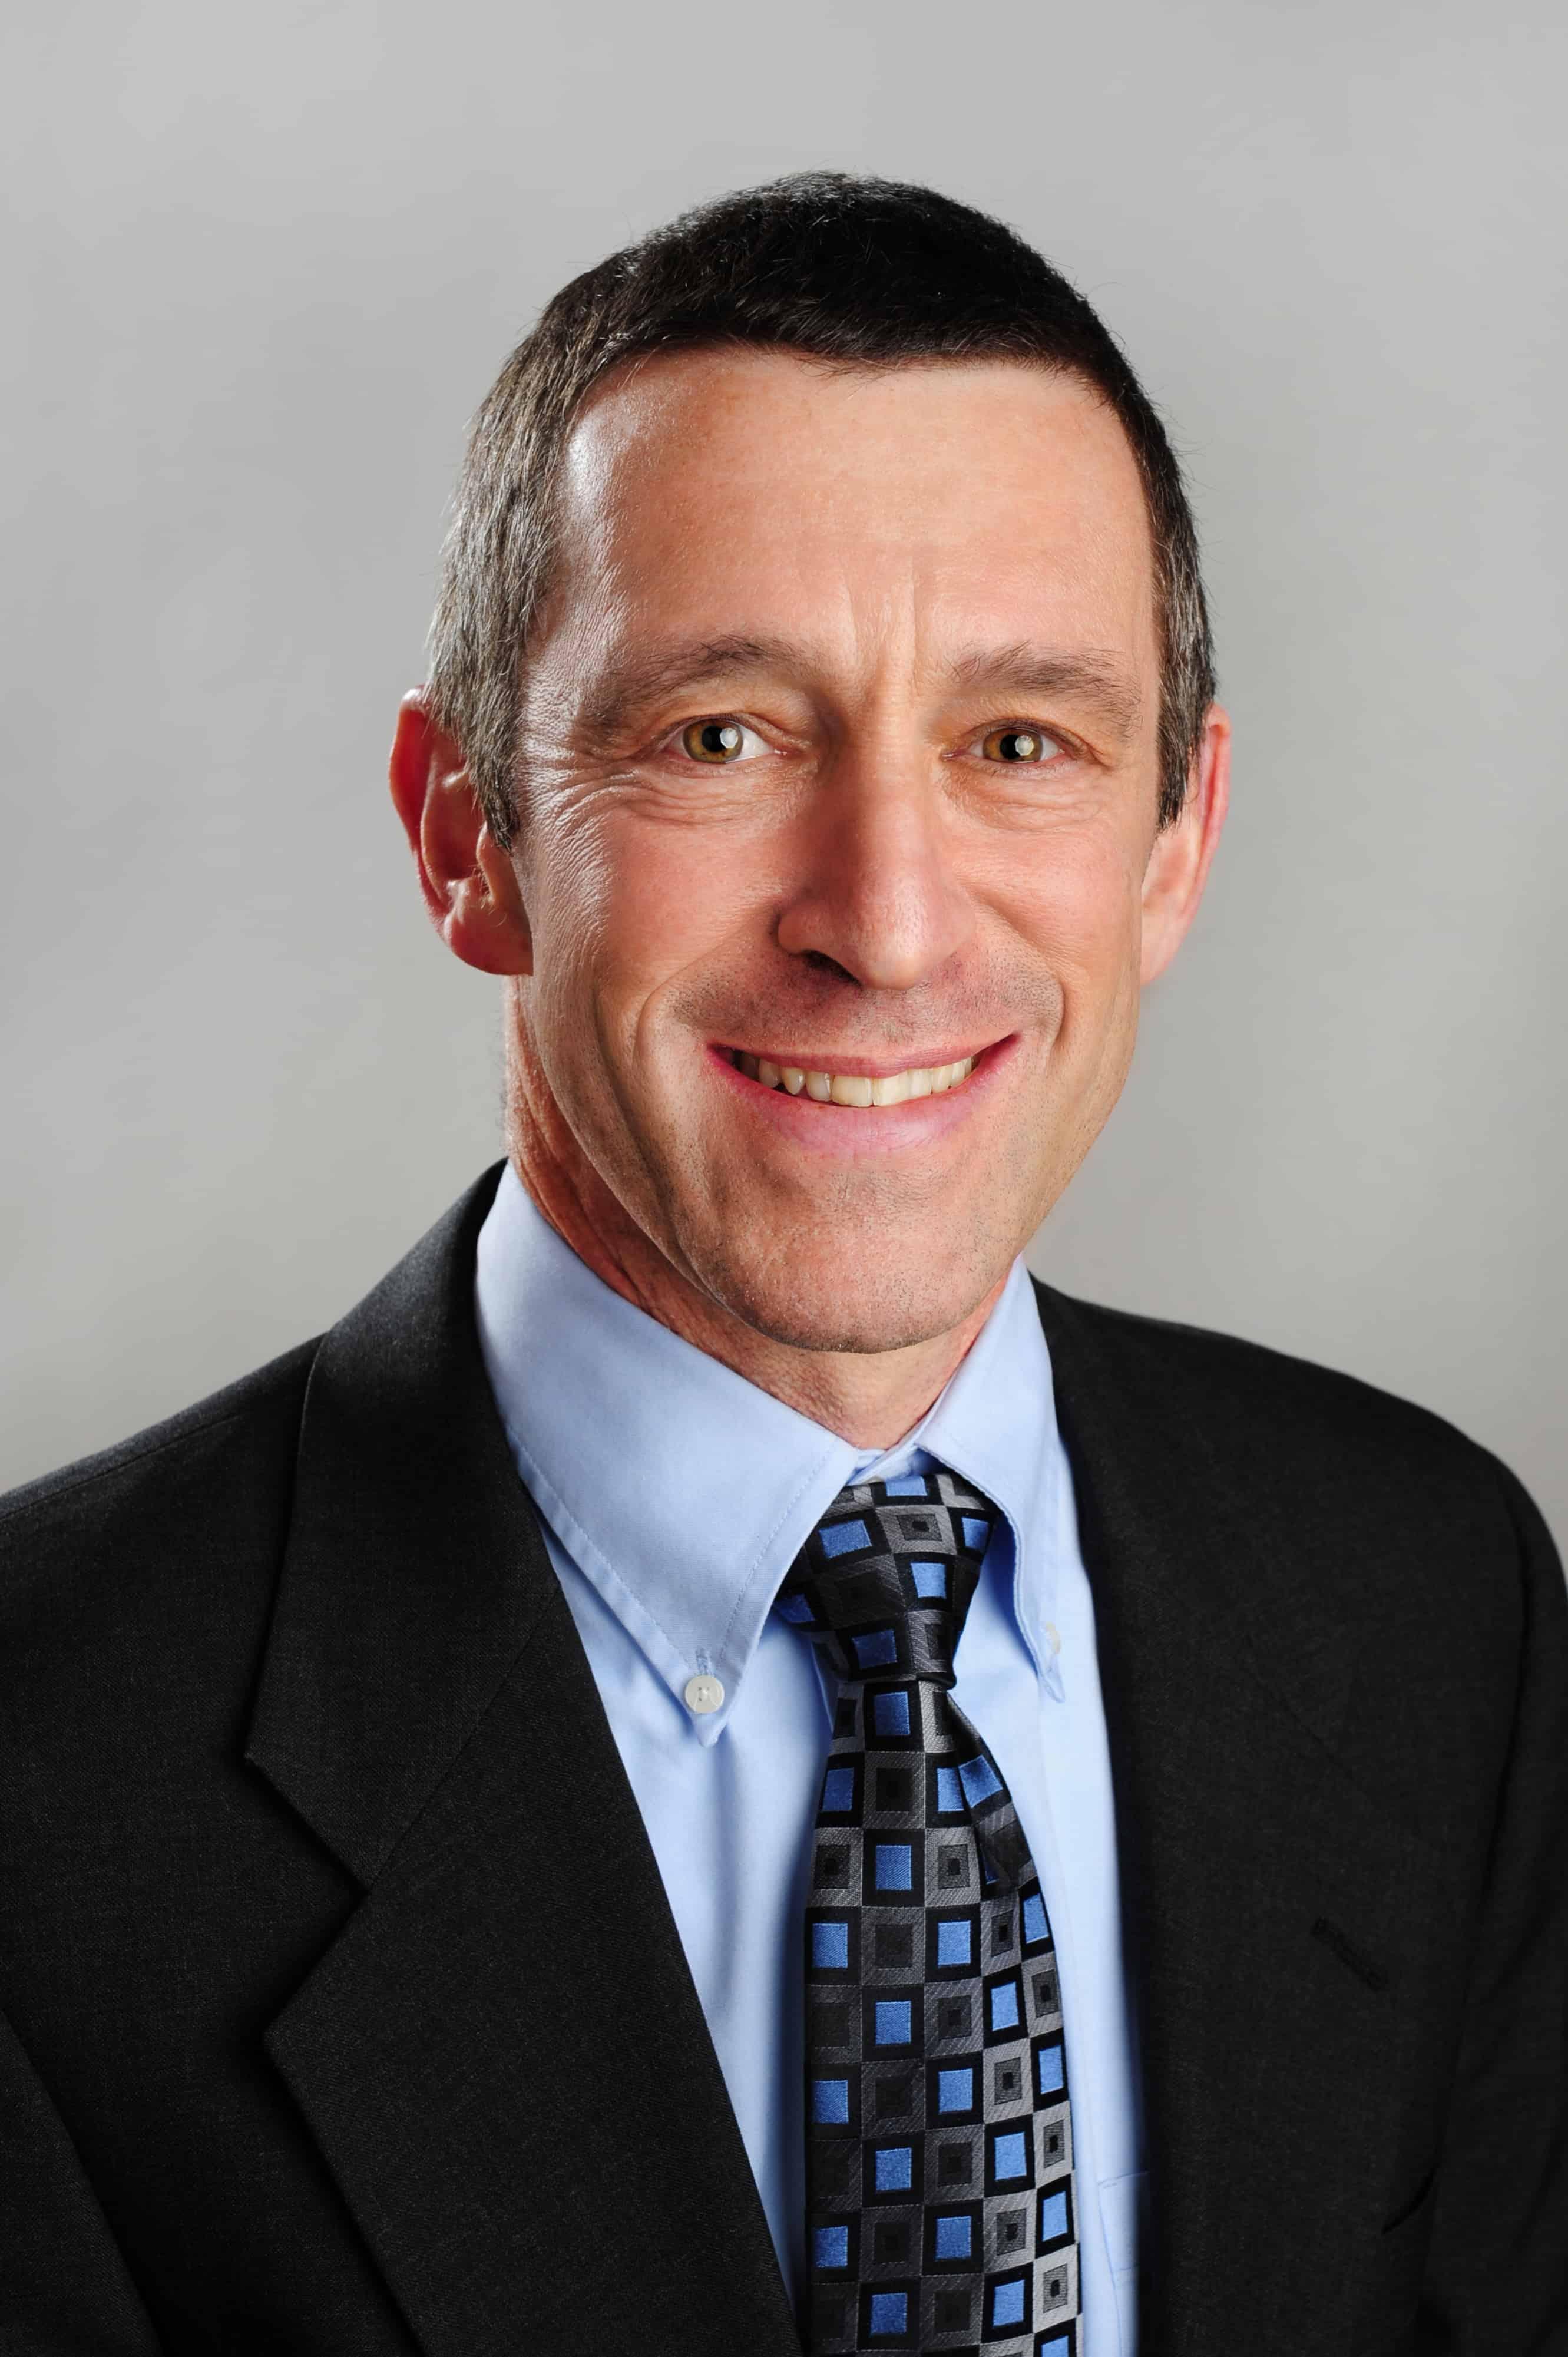 Podiatrist Dr. David Levine